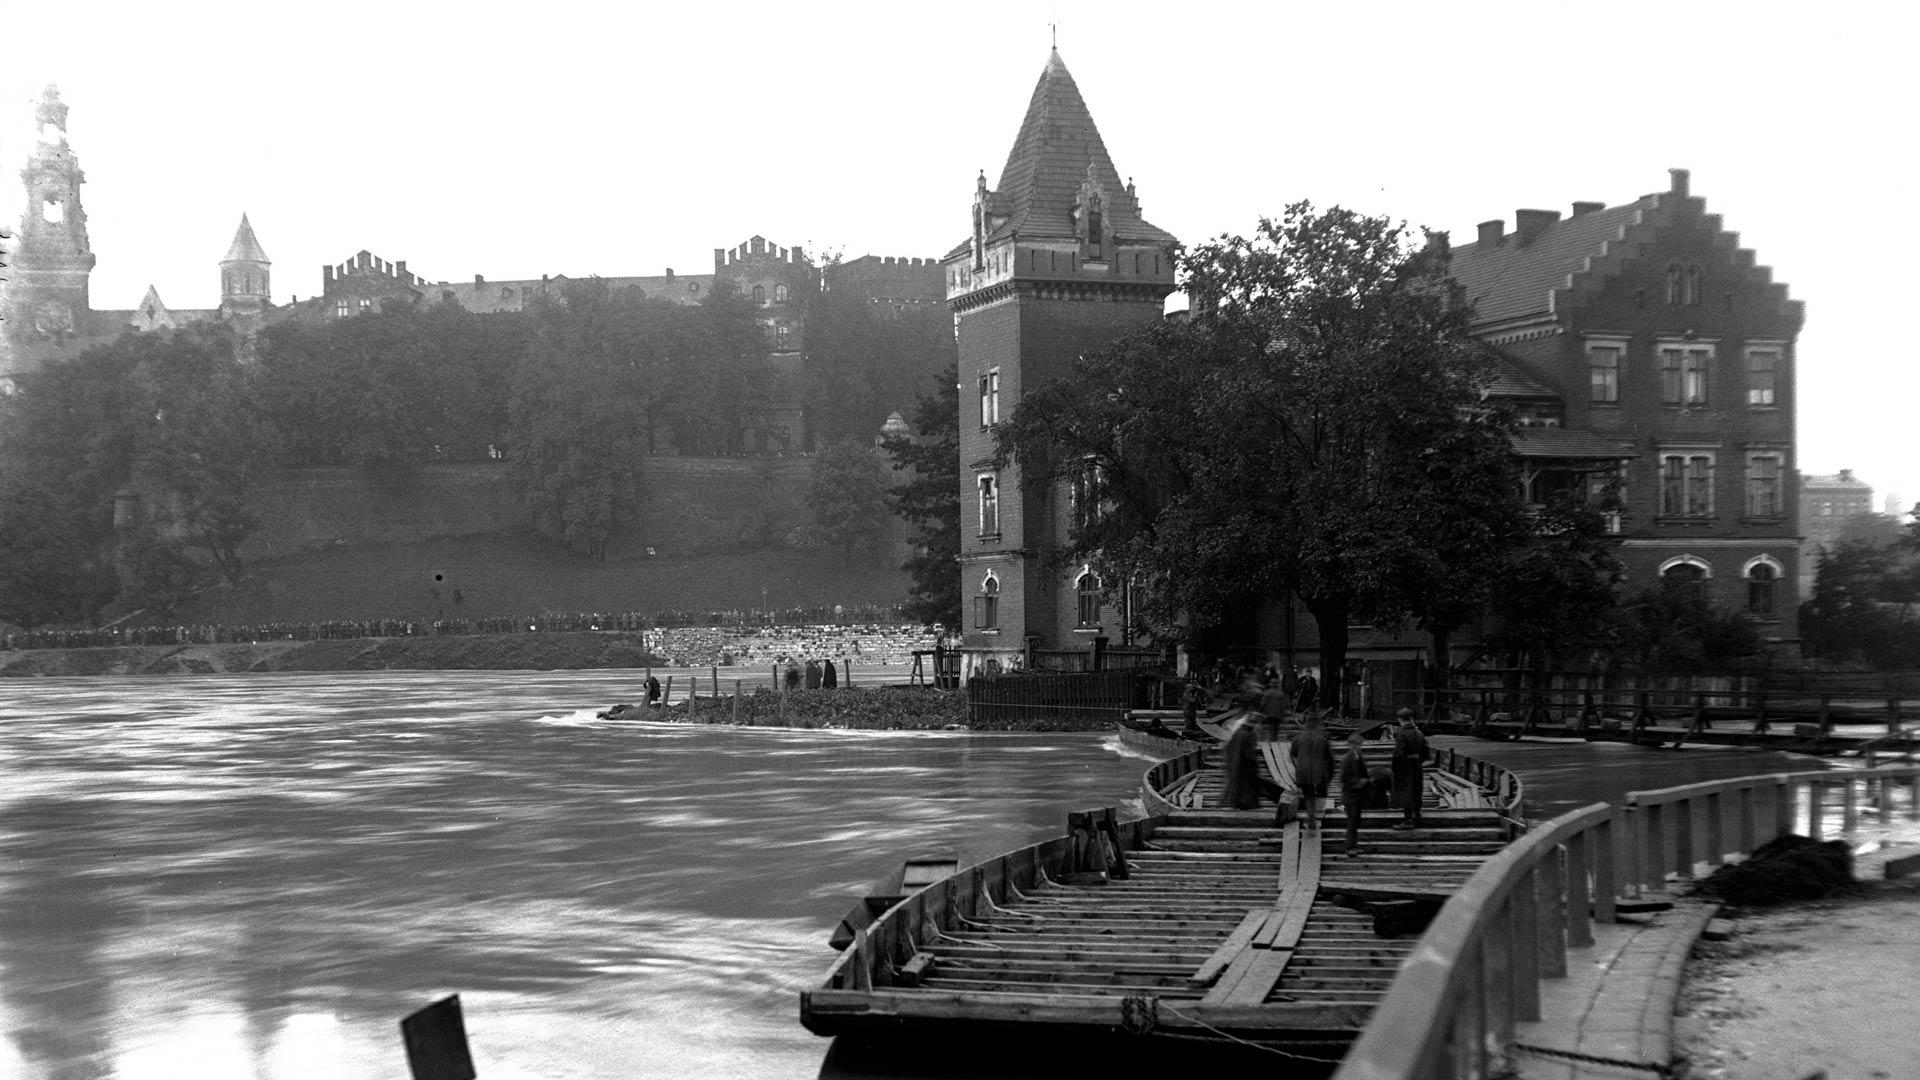 Powodzie w Krakowie – stare zdjęcia. Tak zalewało Kraków